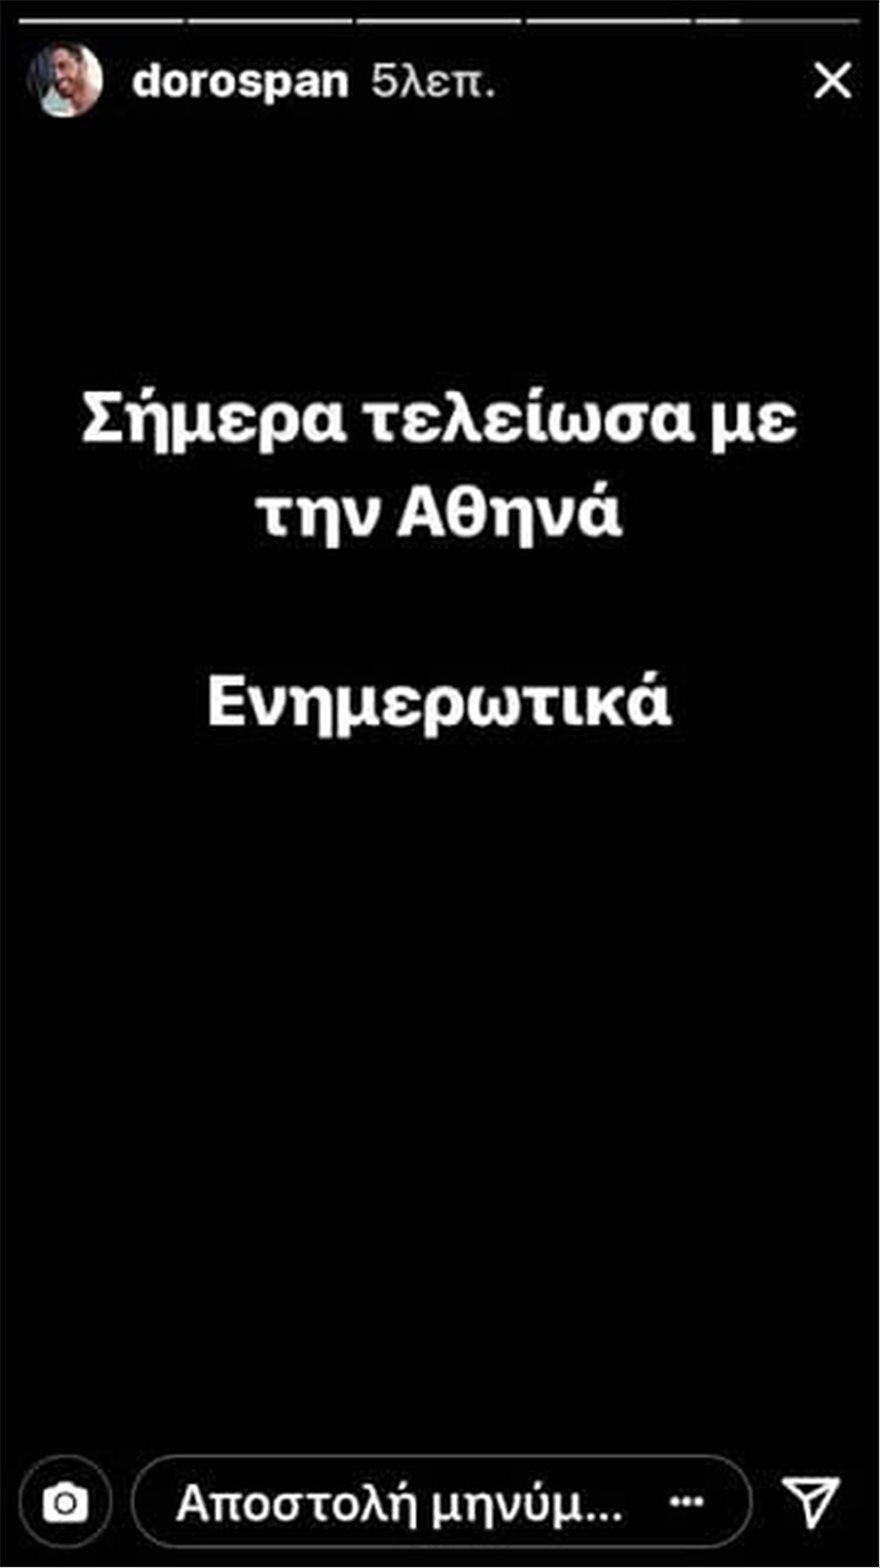 doros-athina-telos